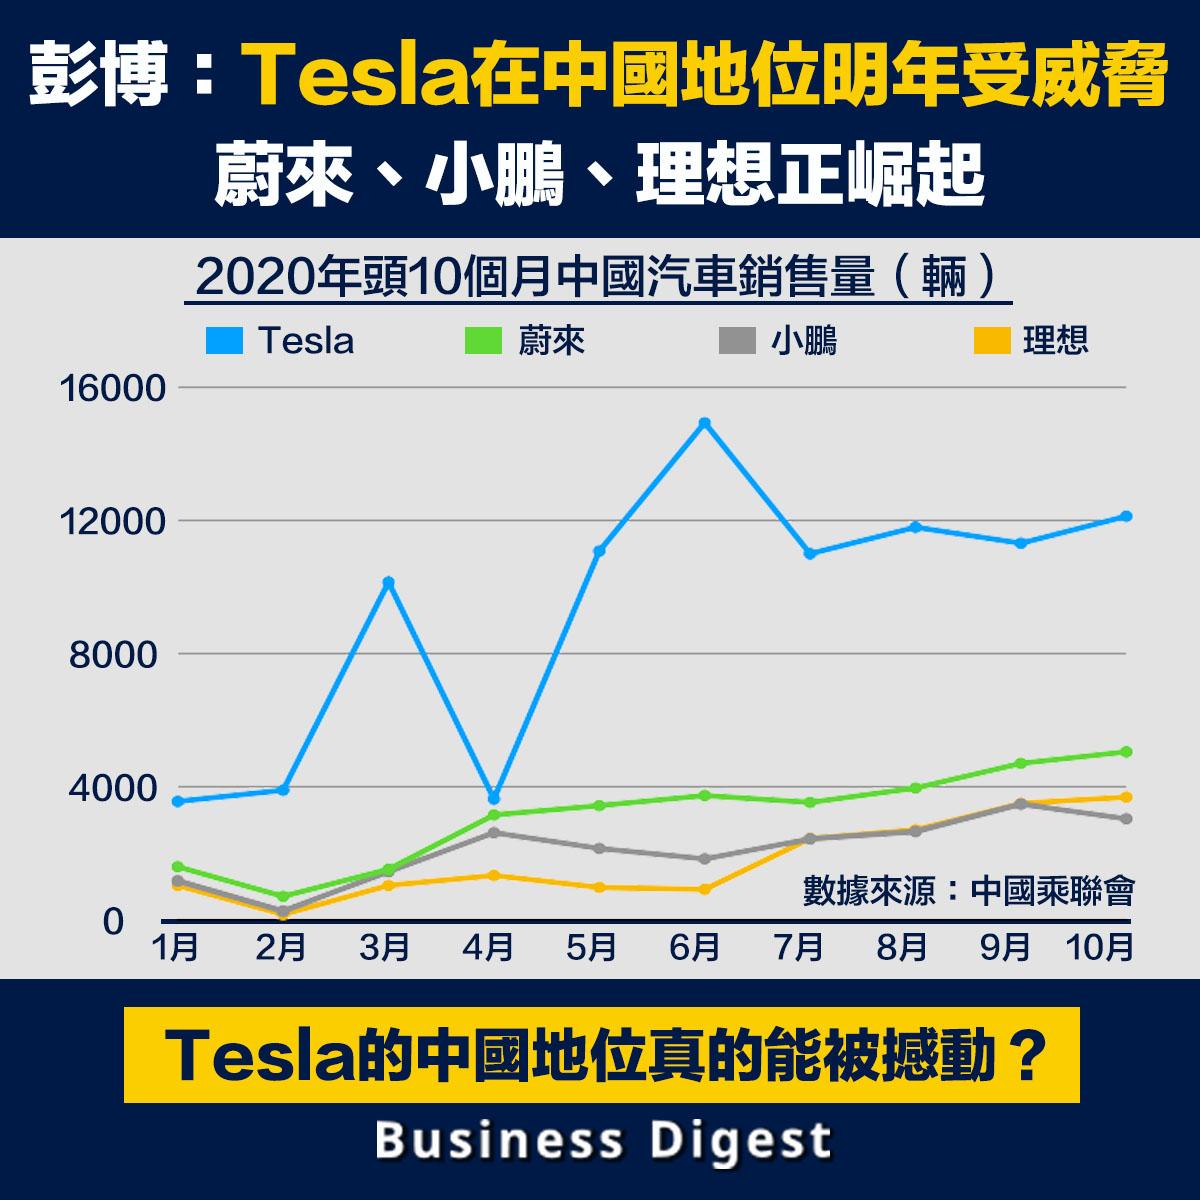 彭博:Tesla在中國地位將明年受威脅,蔚來、小鵬、理想正崛起